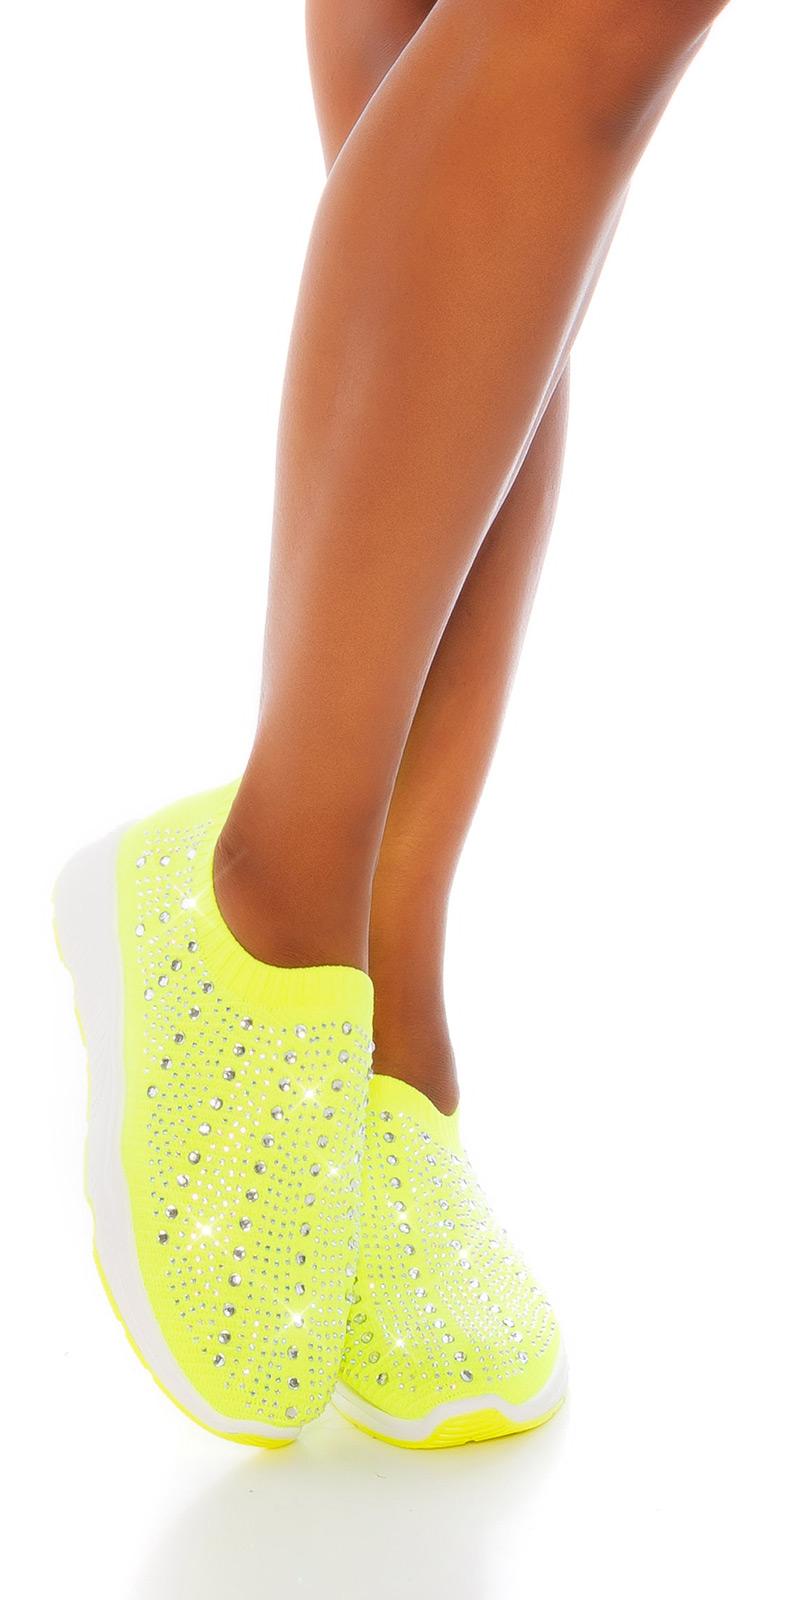 Adidasi la moda slip-on cu glittering strasuri